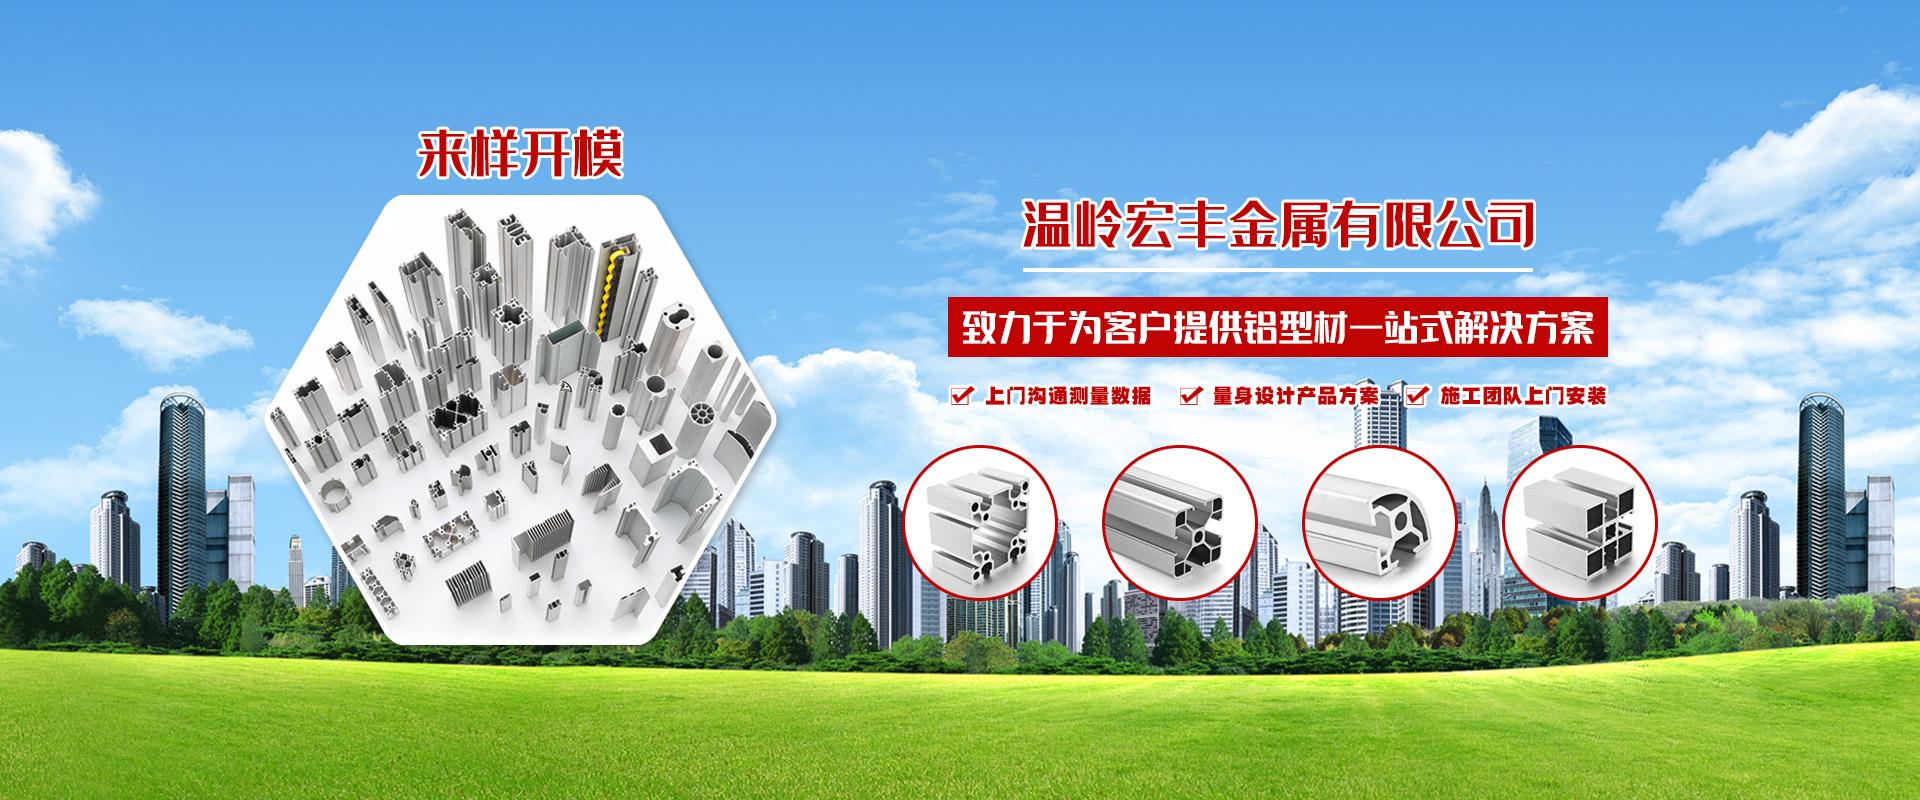 致力于为客户提供铝型材一站式解决方案